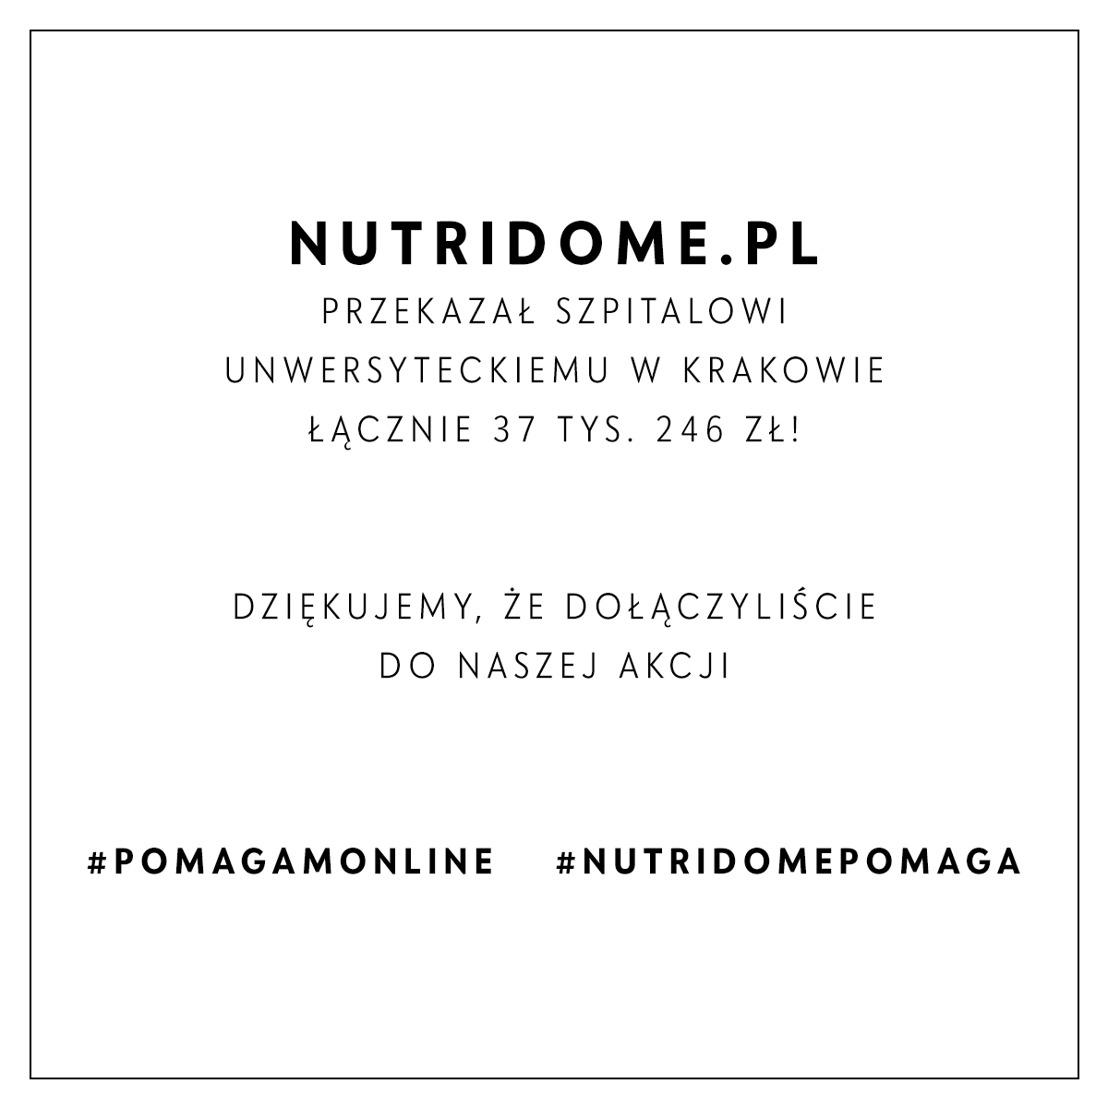 Nutridome dla Szpitala Uniwersyteckiego w Krakowie